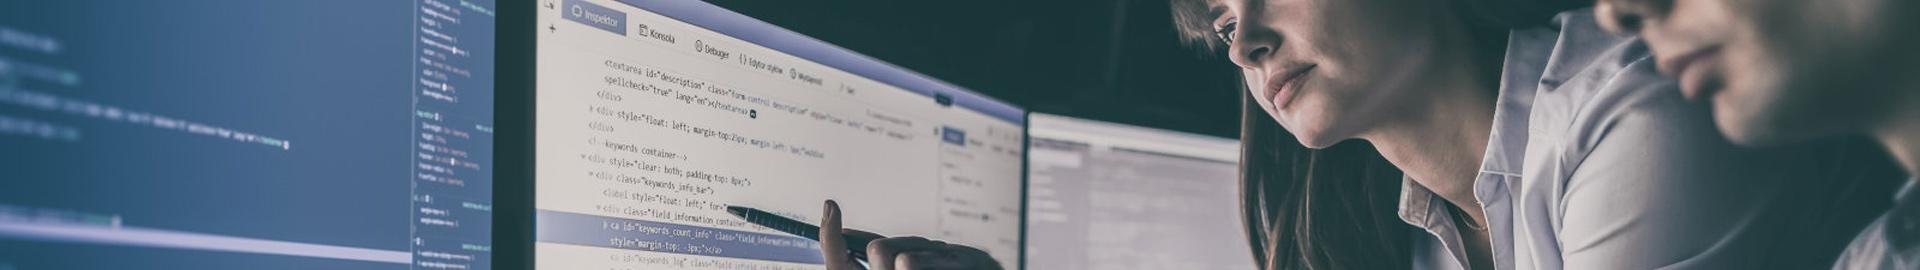 公司网站设计制作应该如何选择专业的网络公司?